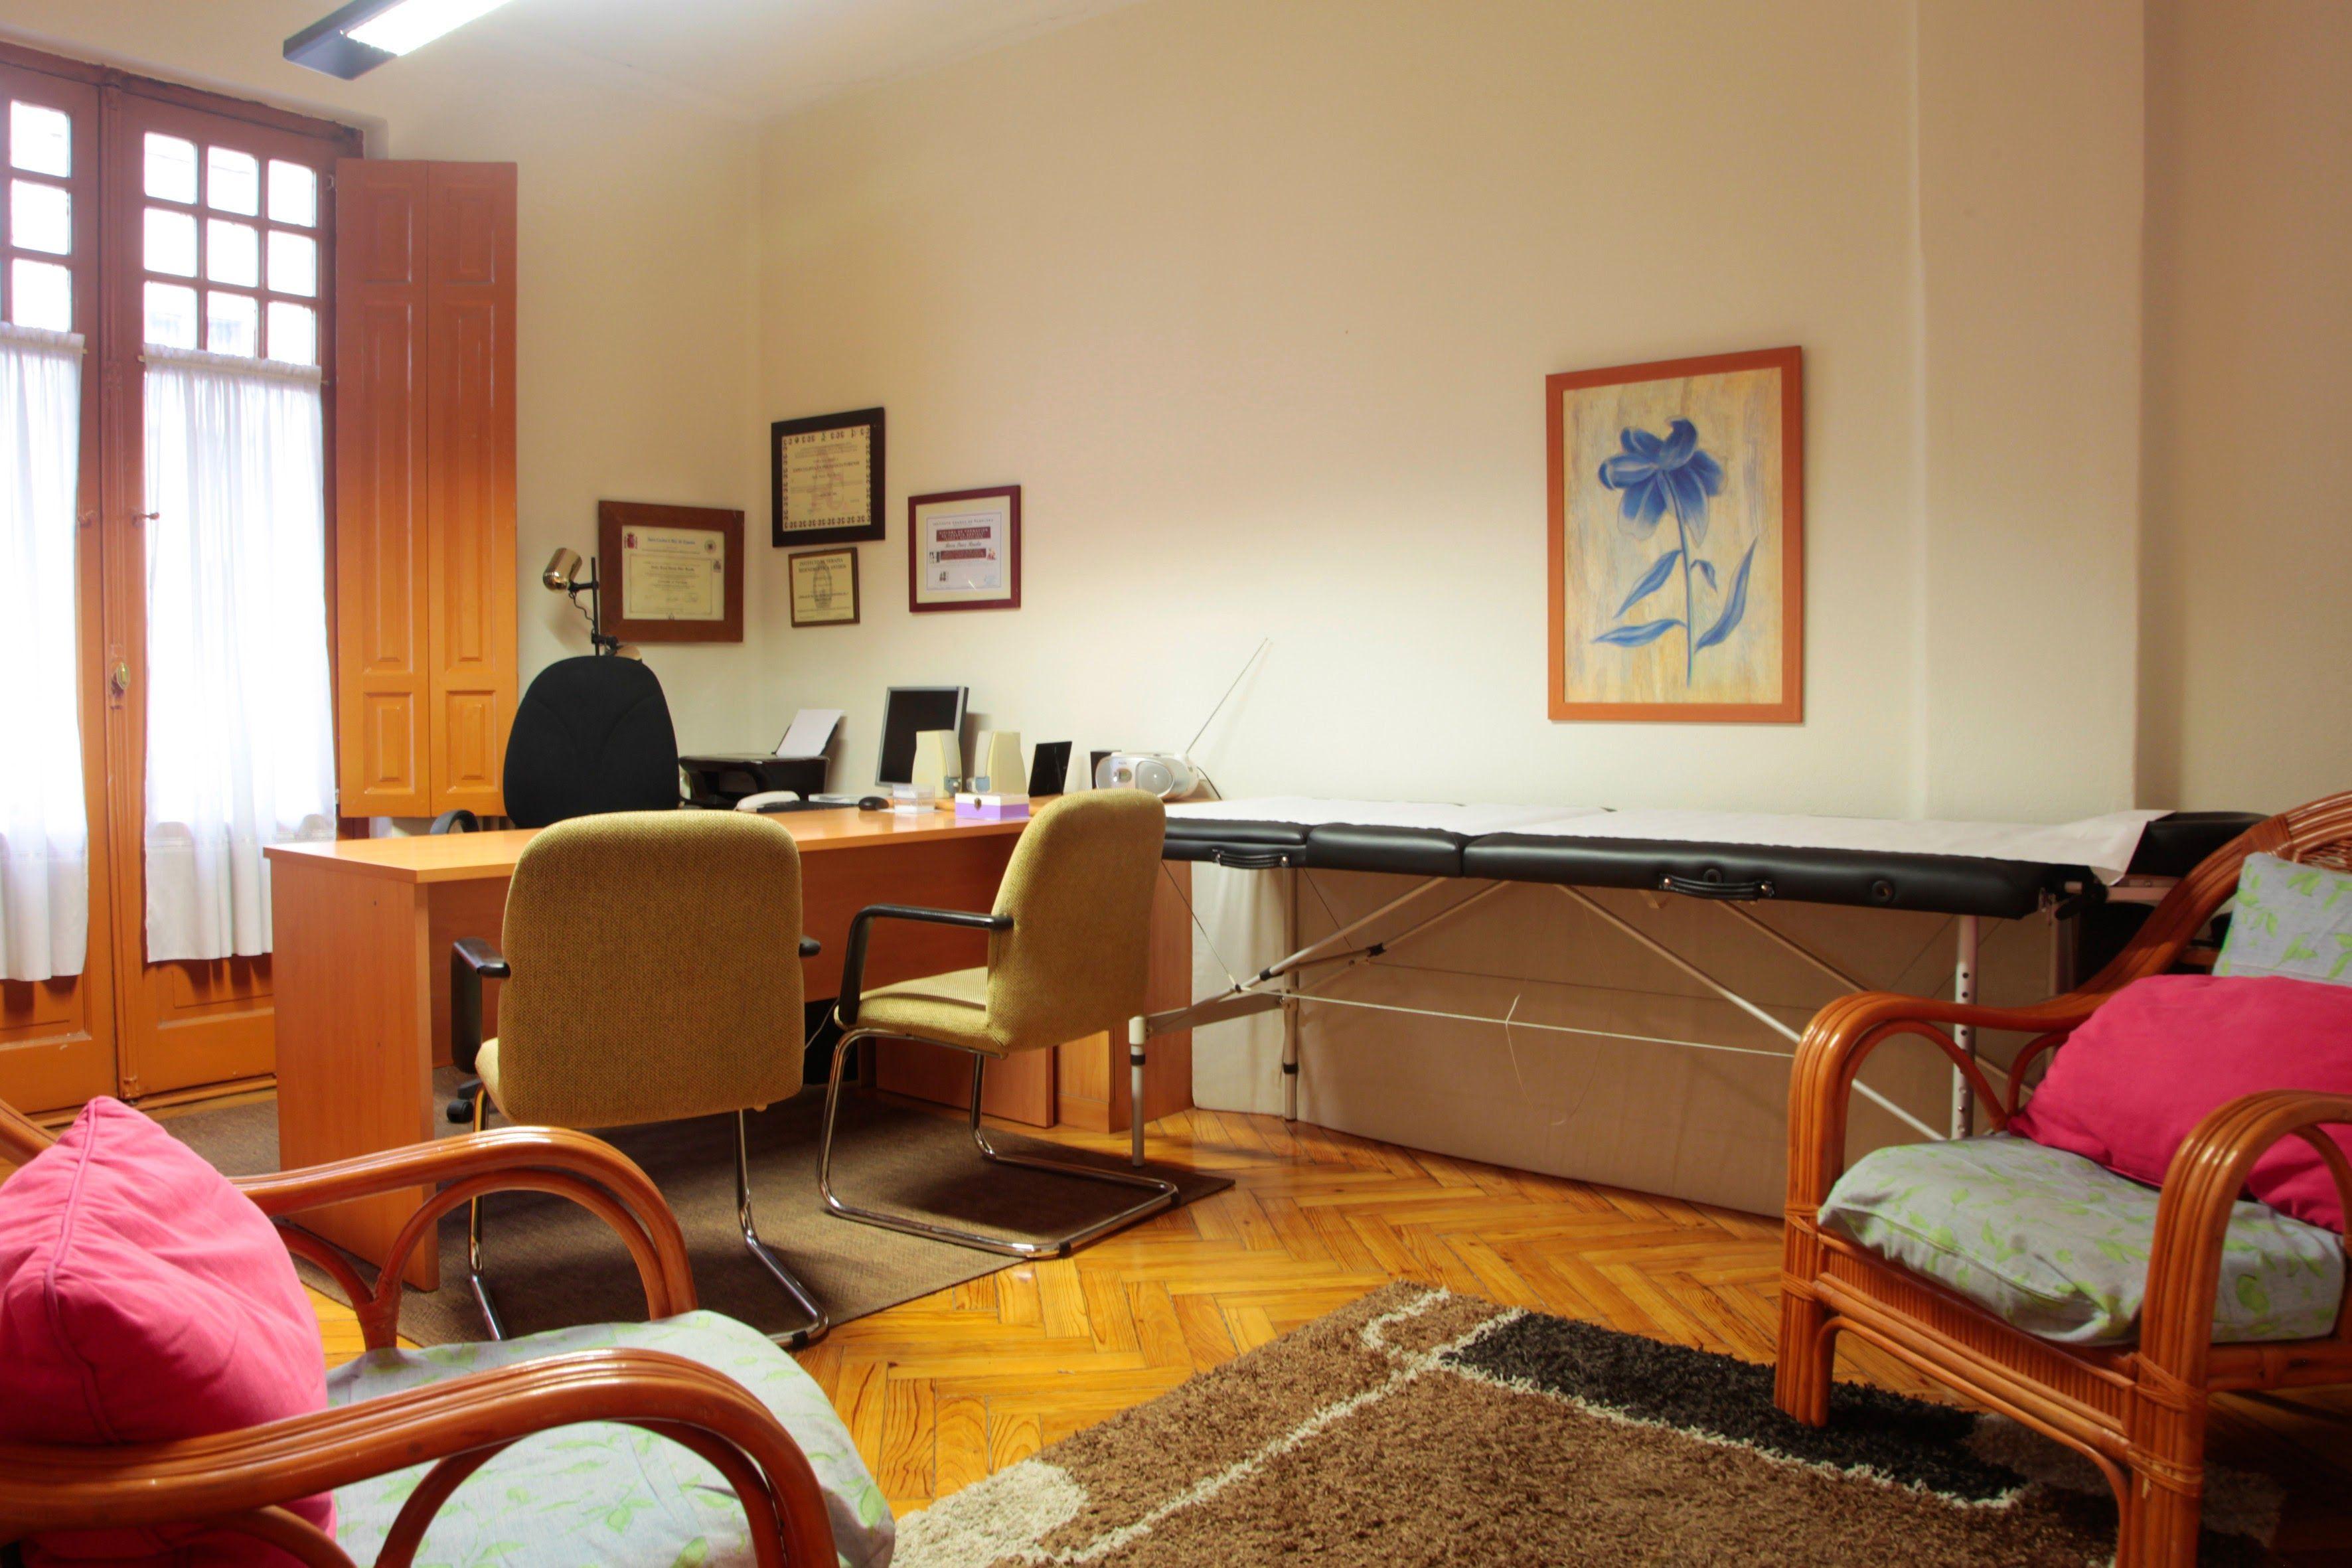 Foto 2 de Psicóloga en Pamplona | Psicóloga Rosa Páez